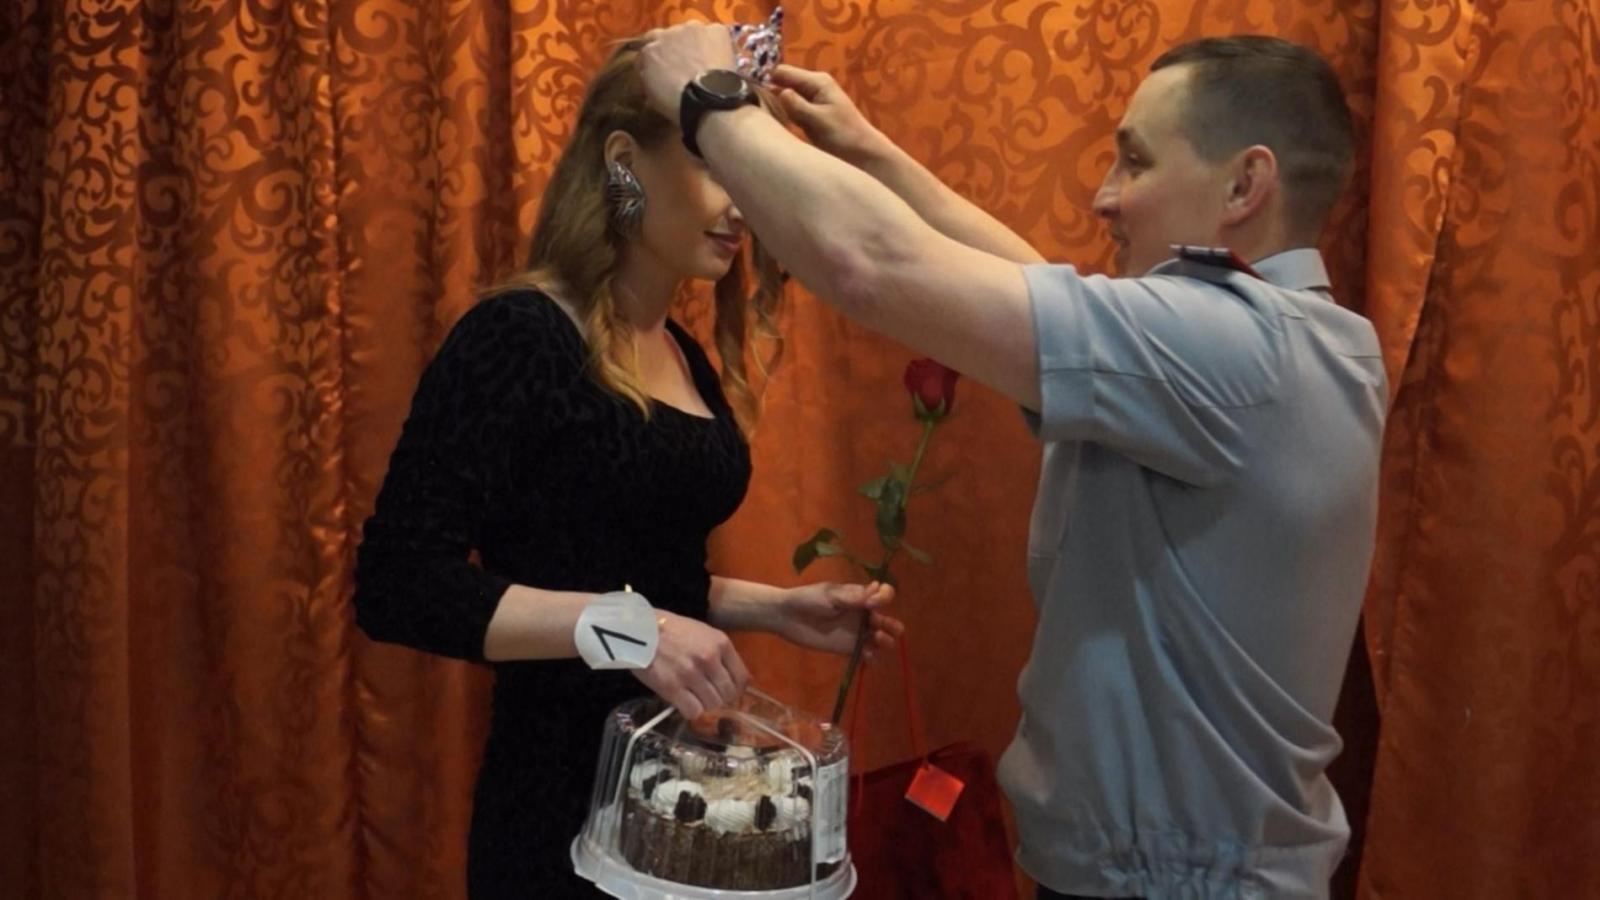 В Вологде впервые прошёл конкурс красоты для осужденных женщин, отбывающих наказание